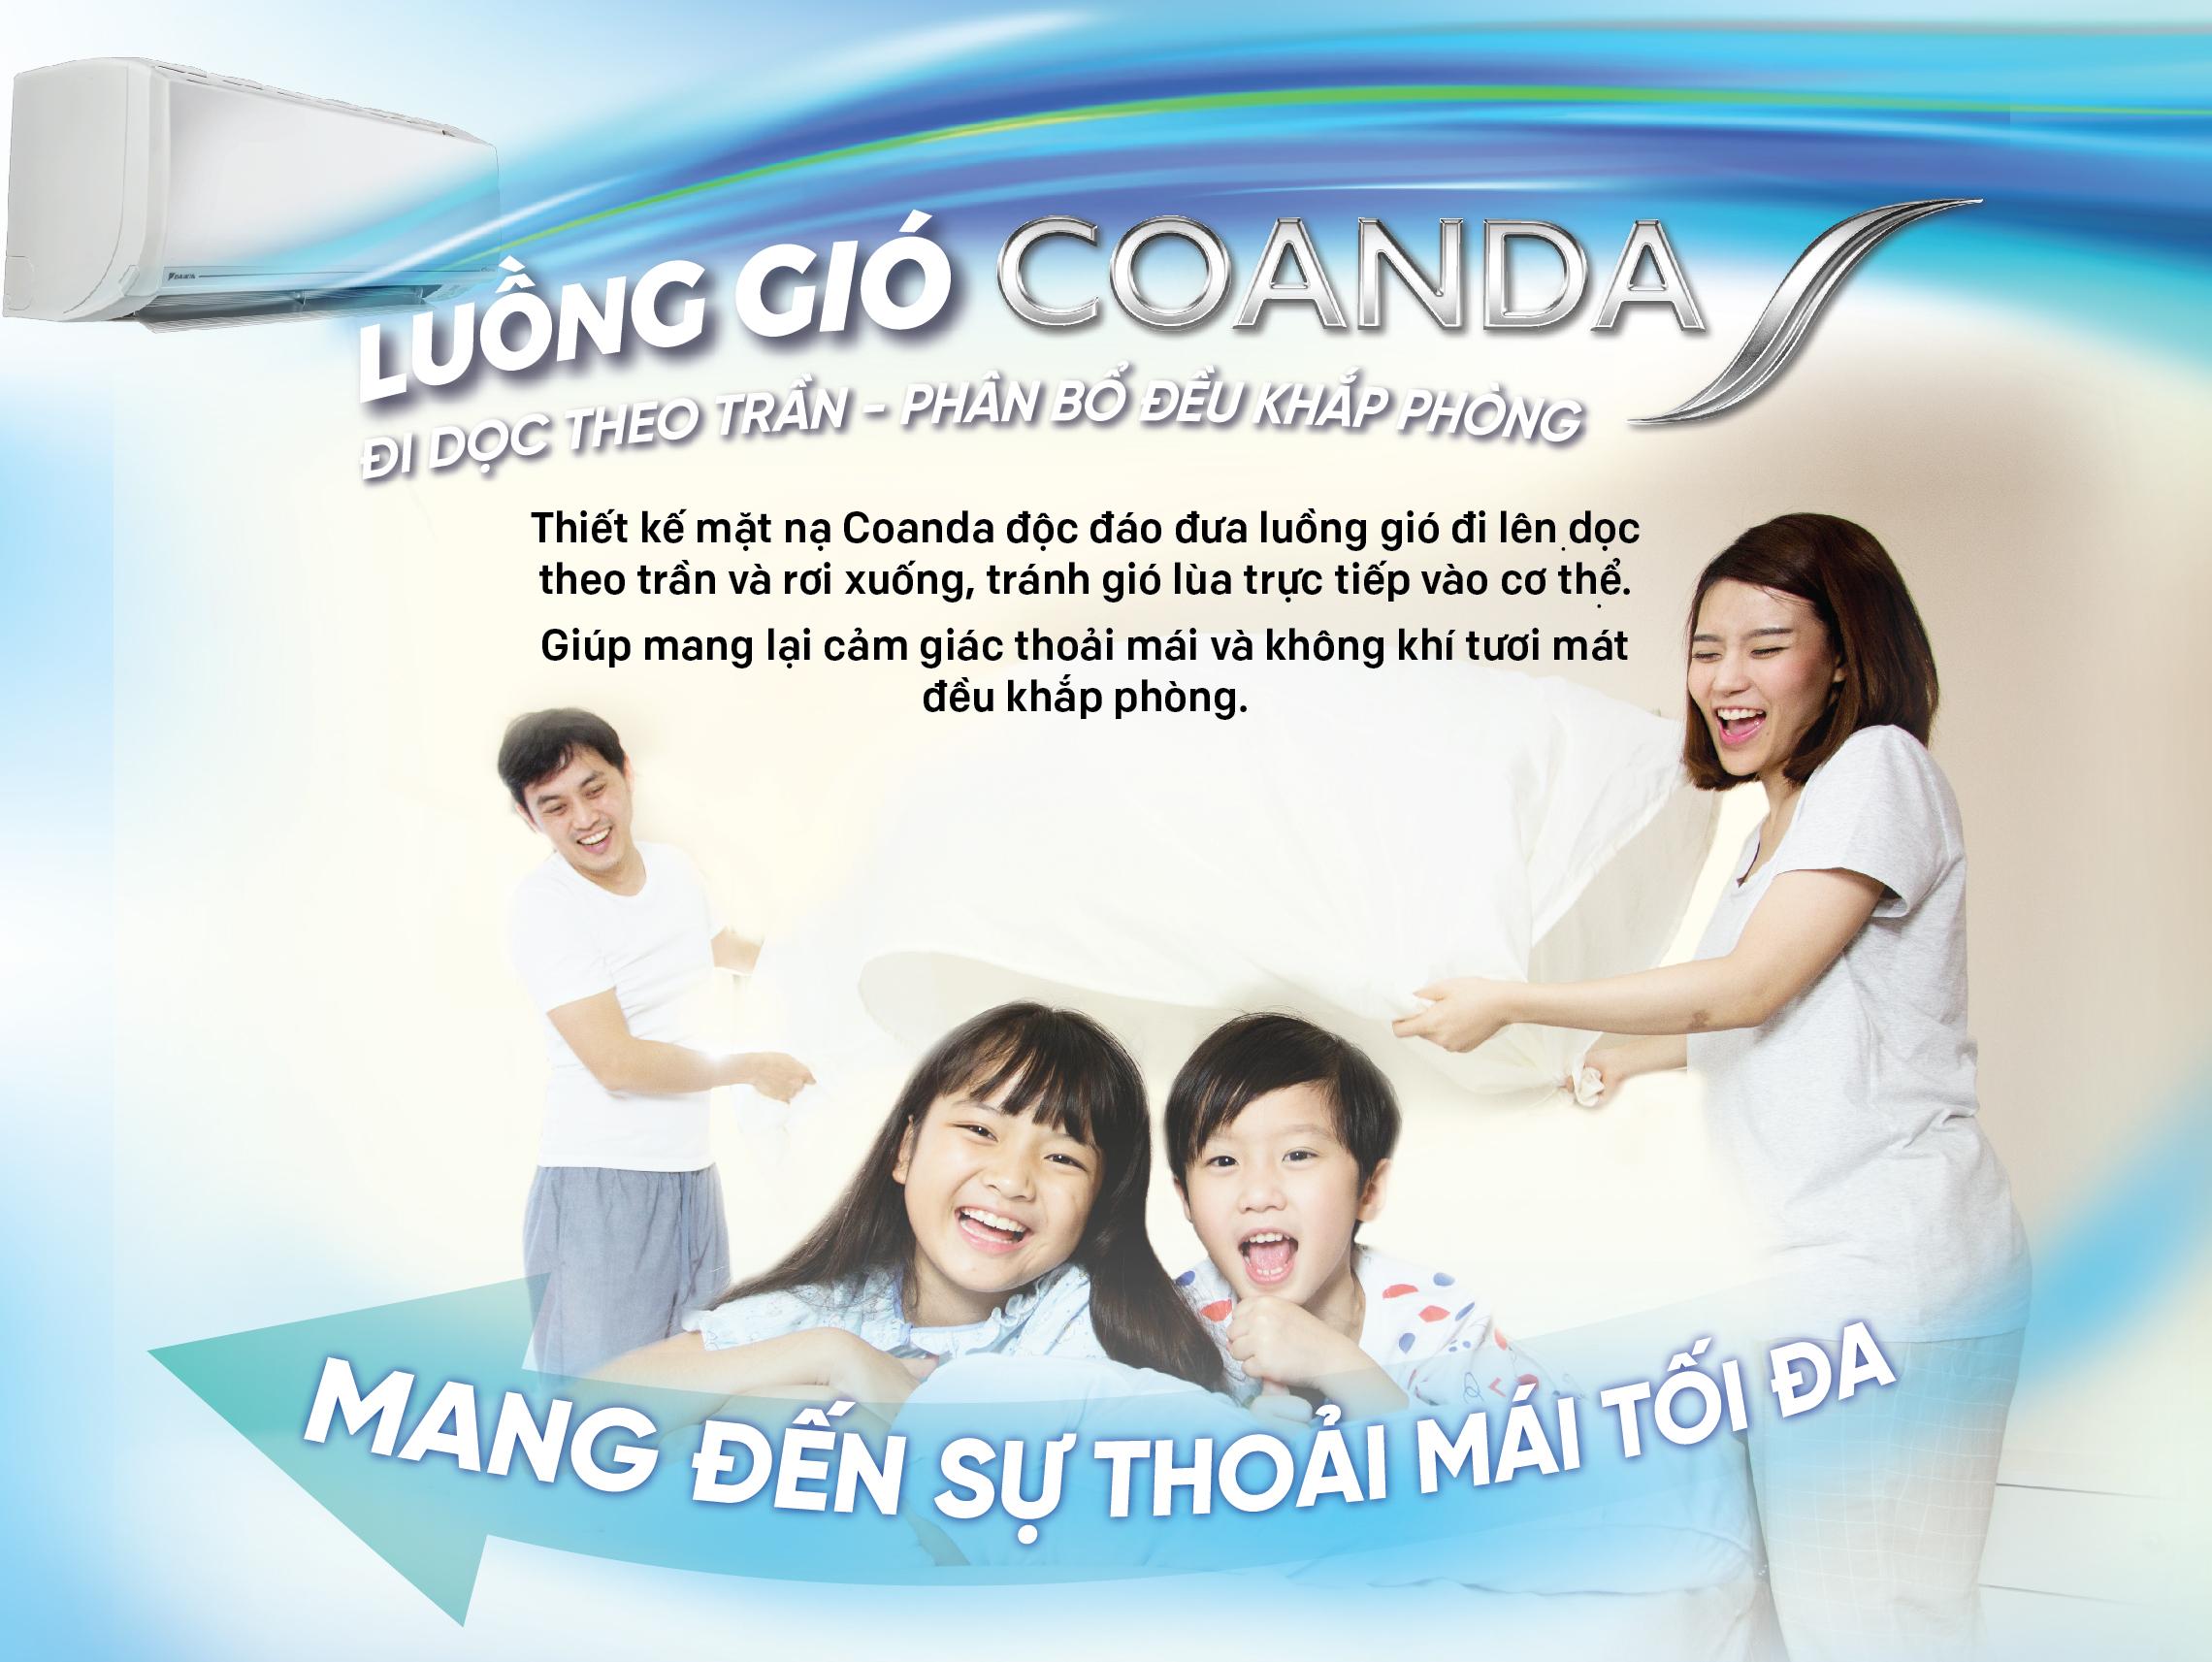 Luồng gió thoải mái Coanda